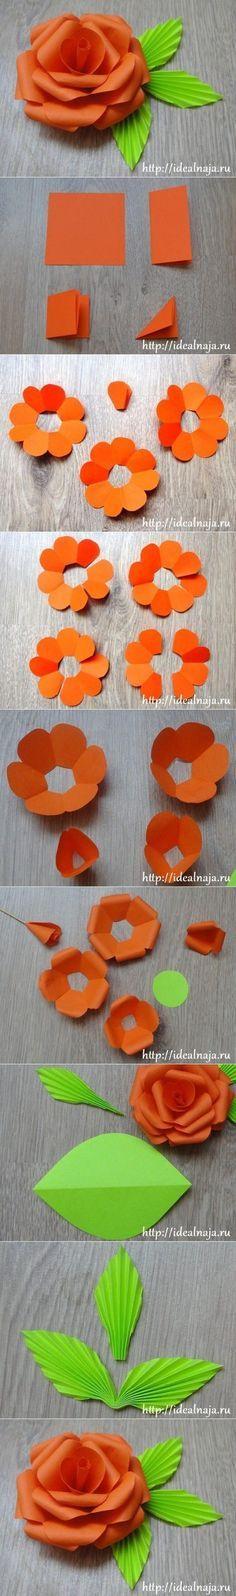 vau! DIY fantastinen paperi ruusut koriste jotka tekevät sanot aww! - Fashion Blog